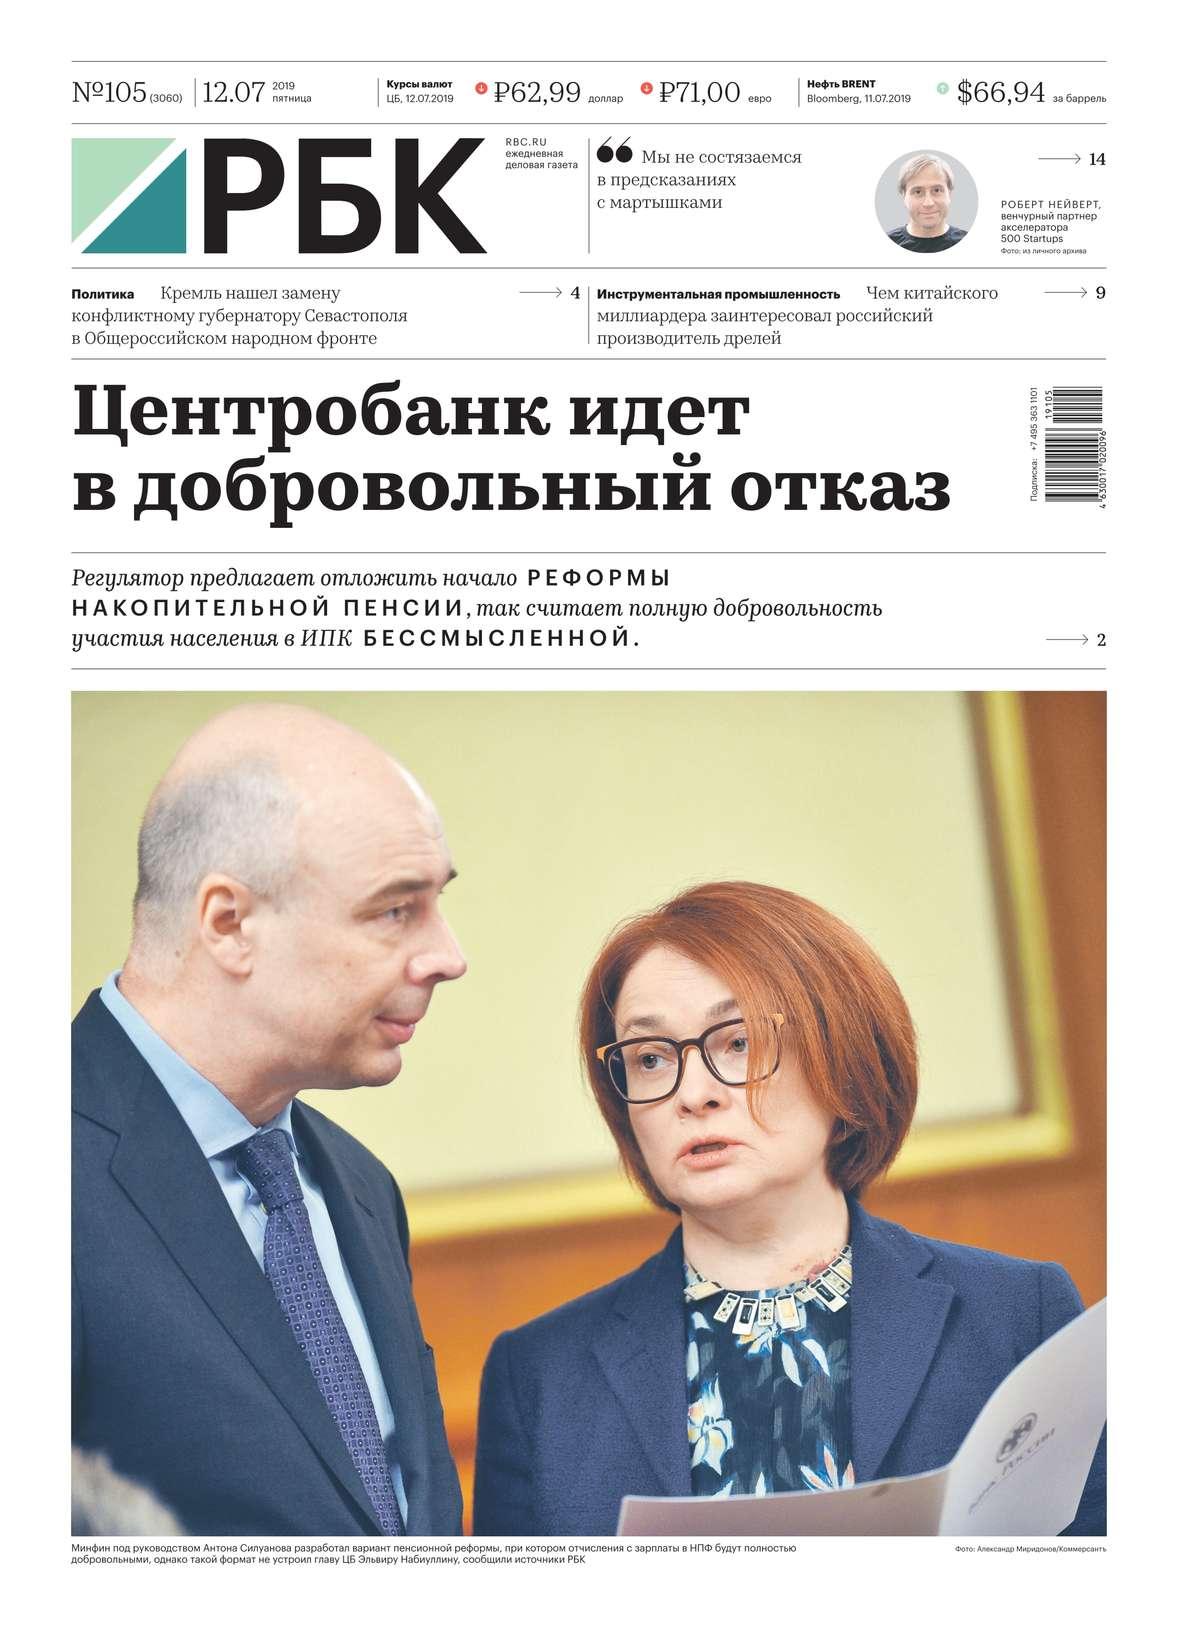 Ежедневная Деловая Газета Рбк 105-2019